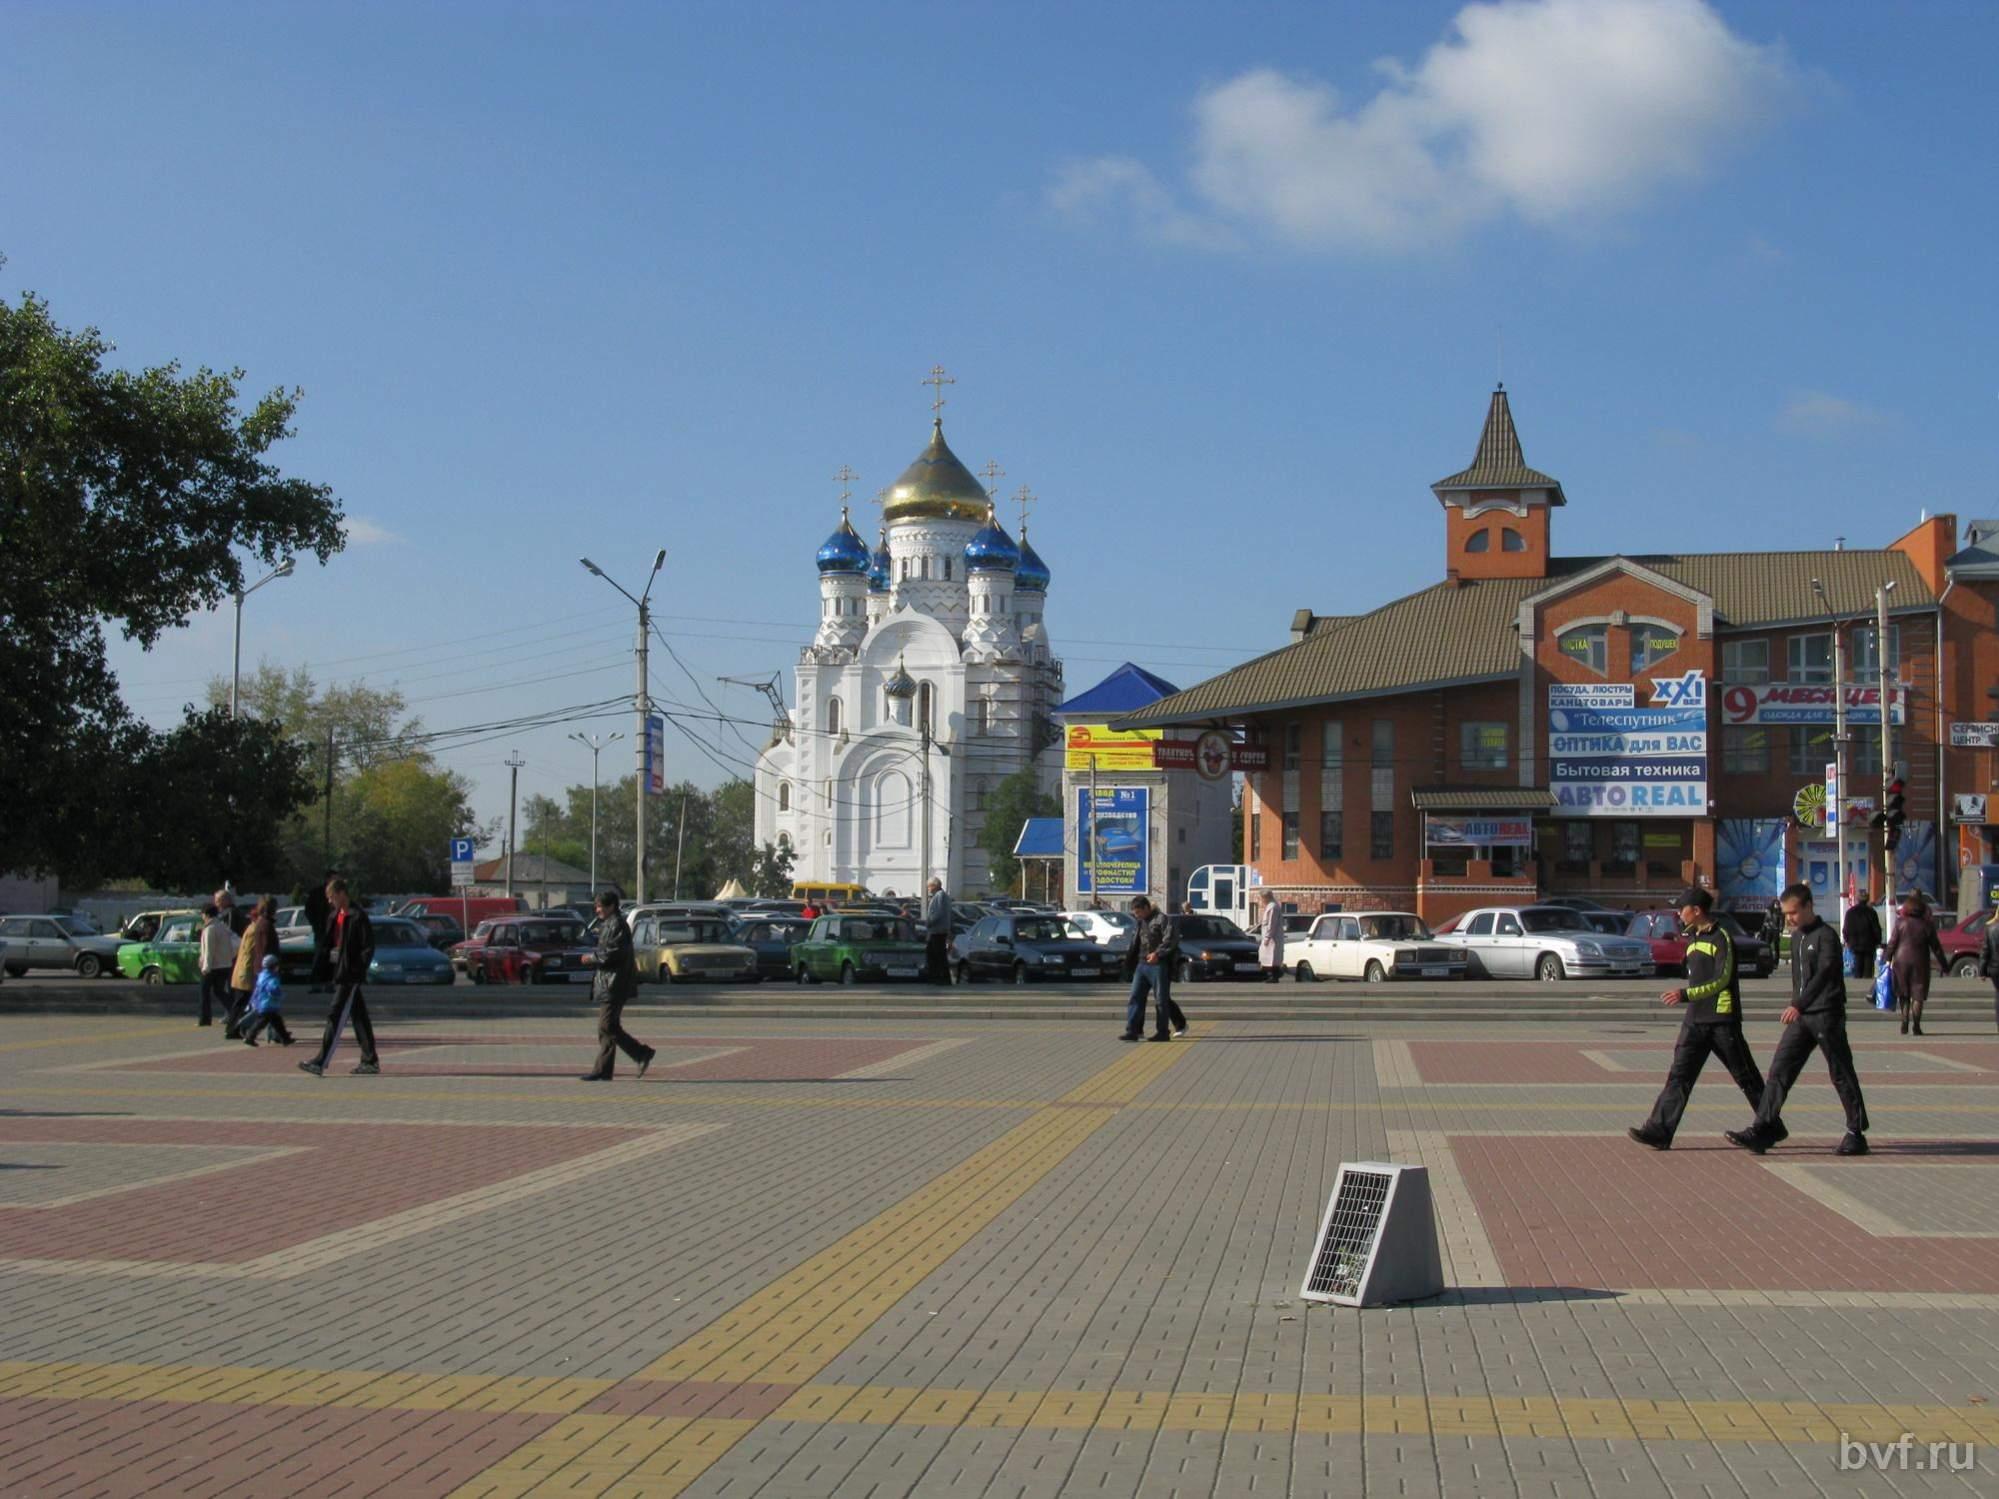 Нажмите на изображение для увеличения Название: Лиски храм у вокзальной площади.jpg Просмотров: 23 Размер:258.3 Кб ID:1693510